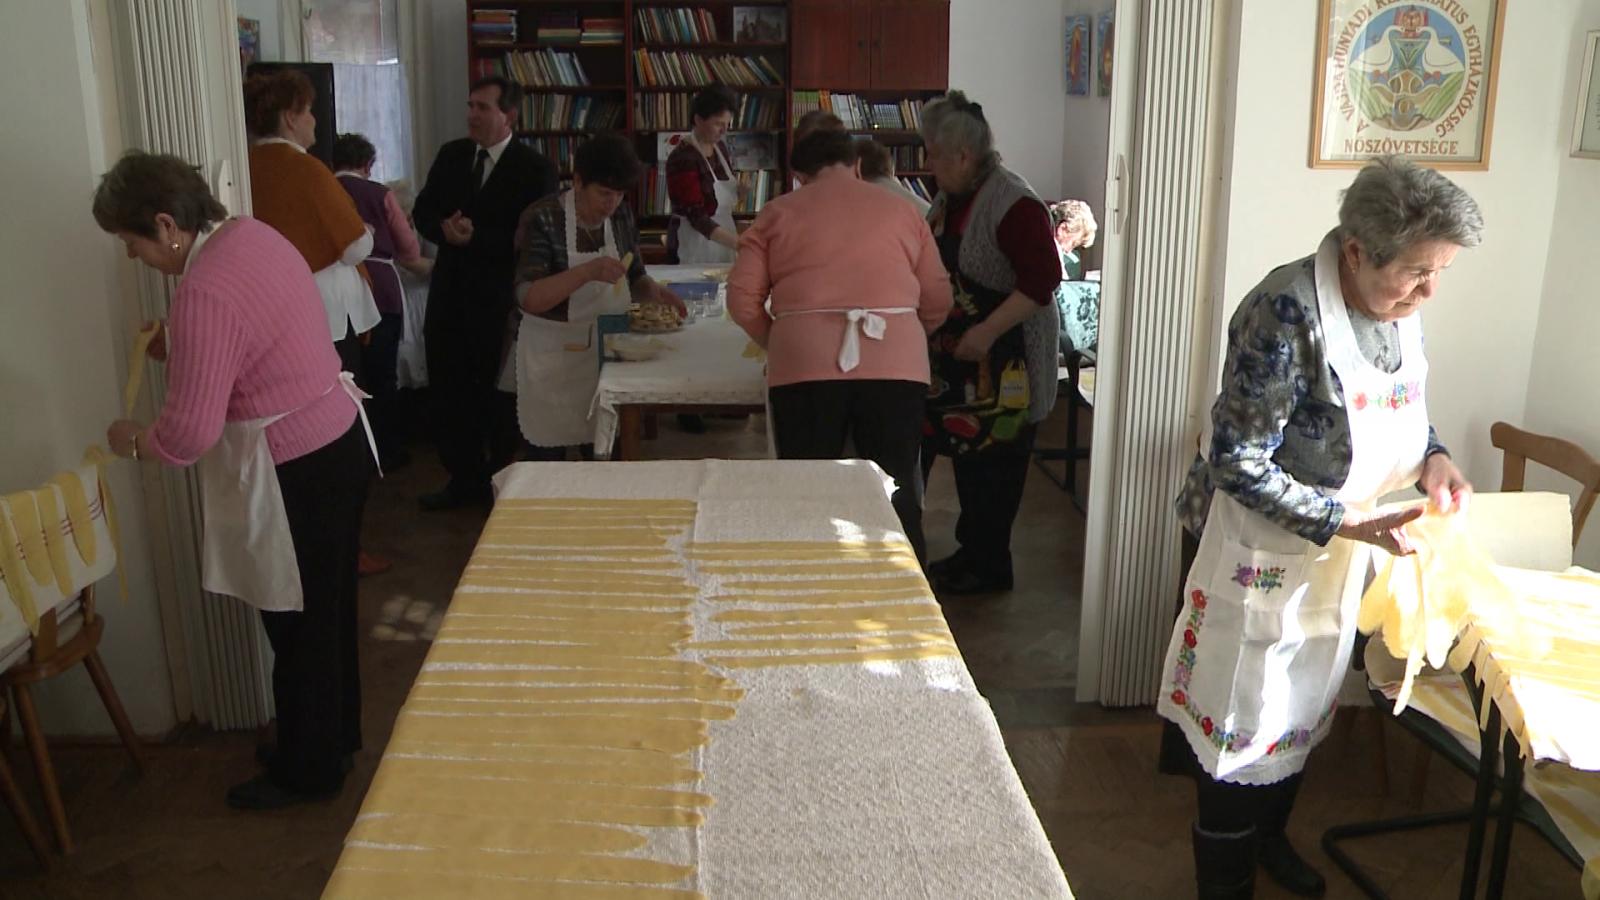 Laskanyújtás. A református nőszövetség tagjai a közösségi házban gyűlnek össze rendszeresen